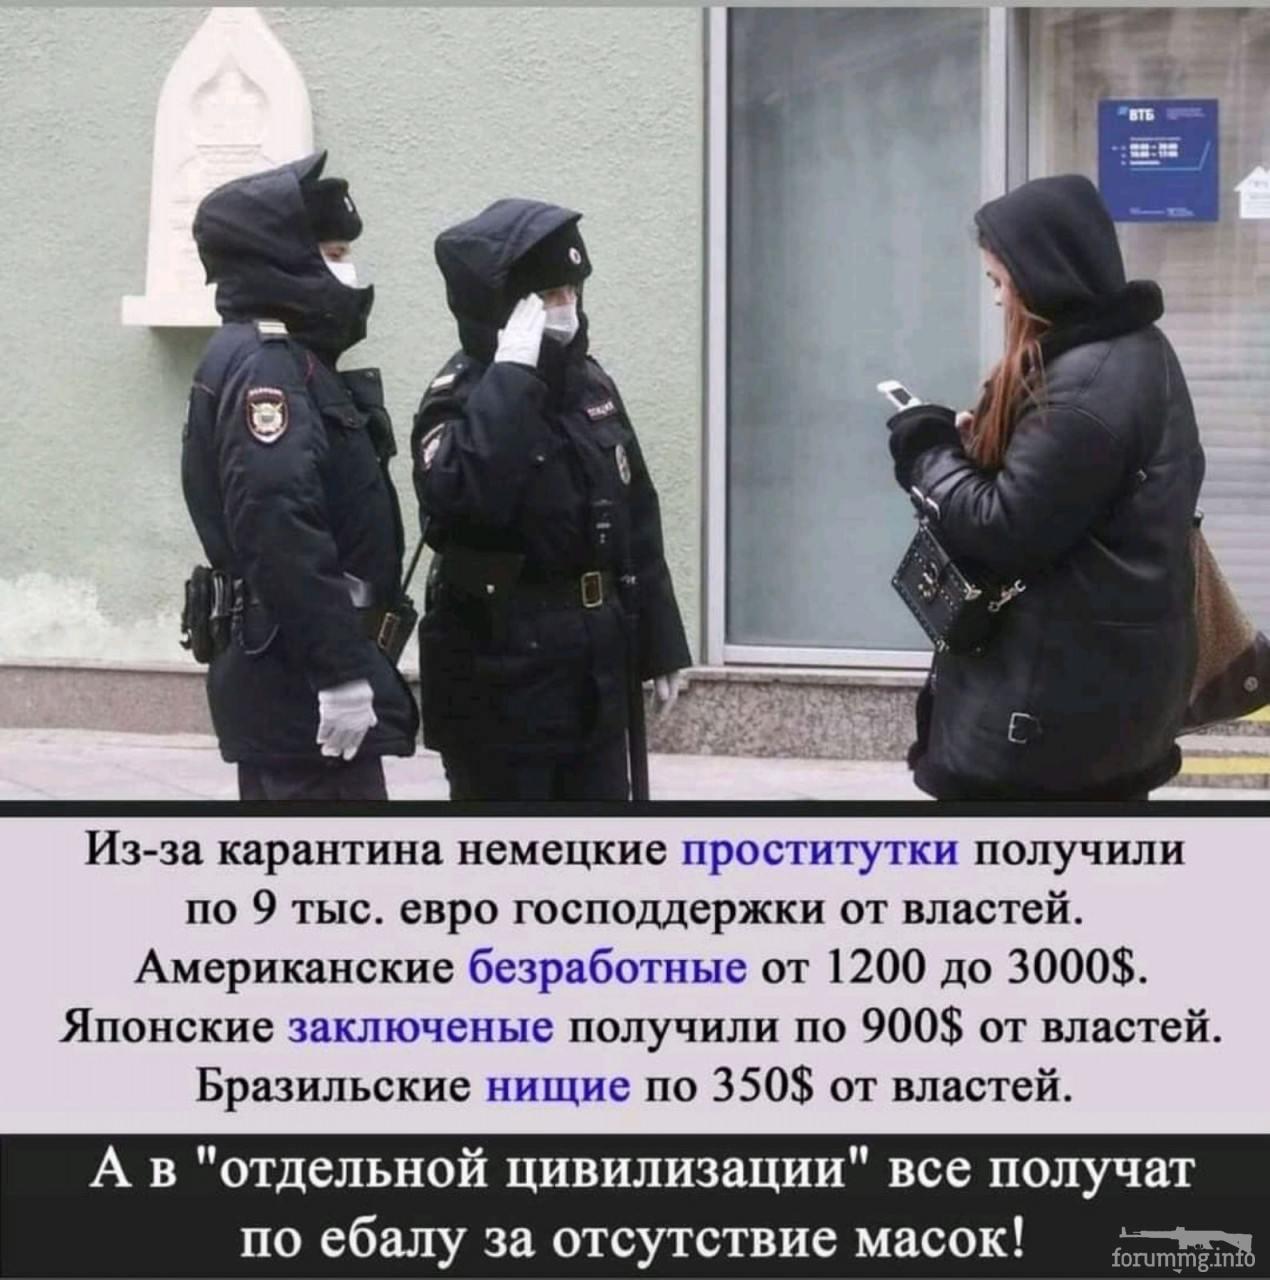 116387 - А в России чудеса!